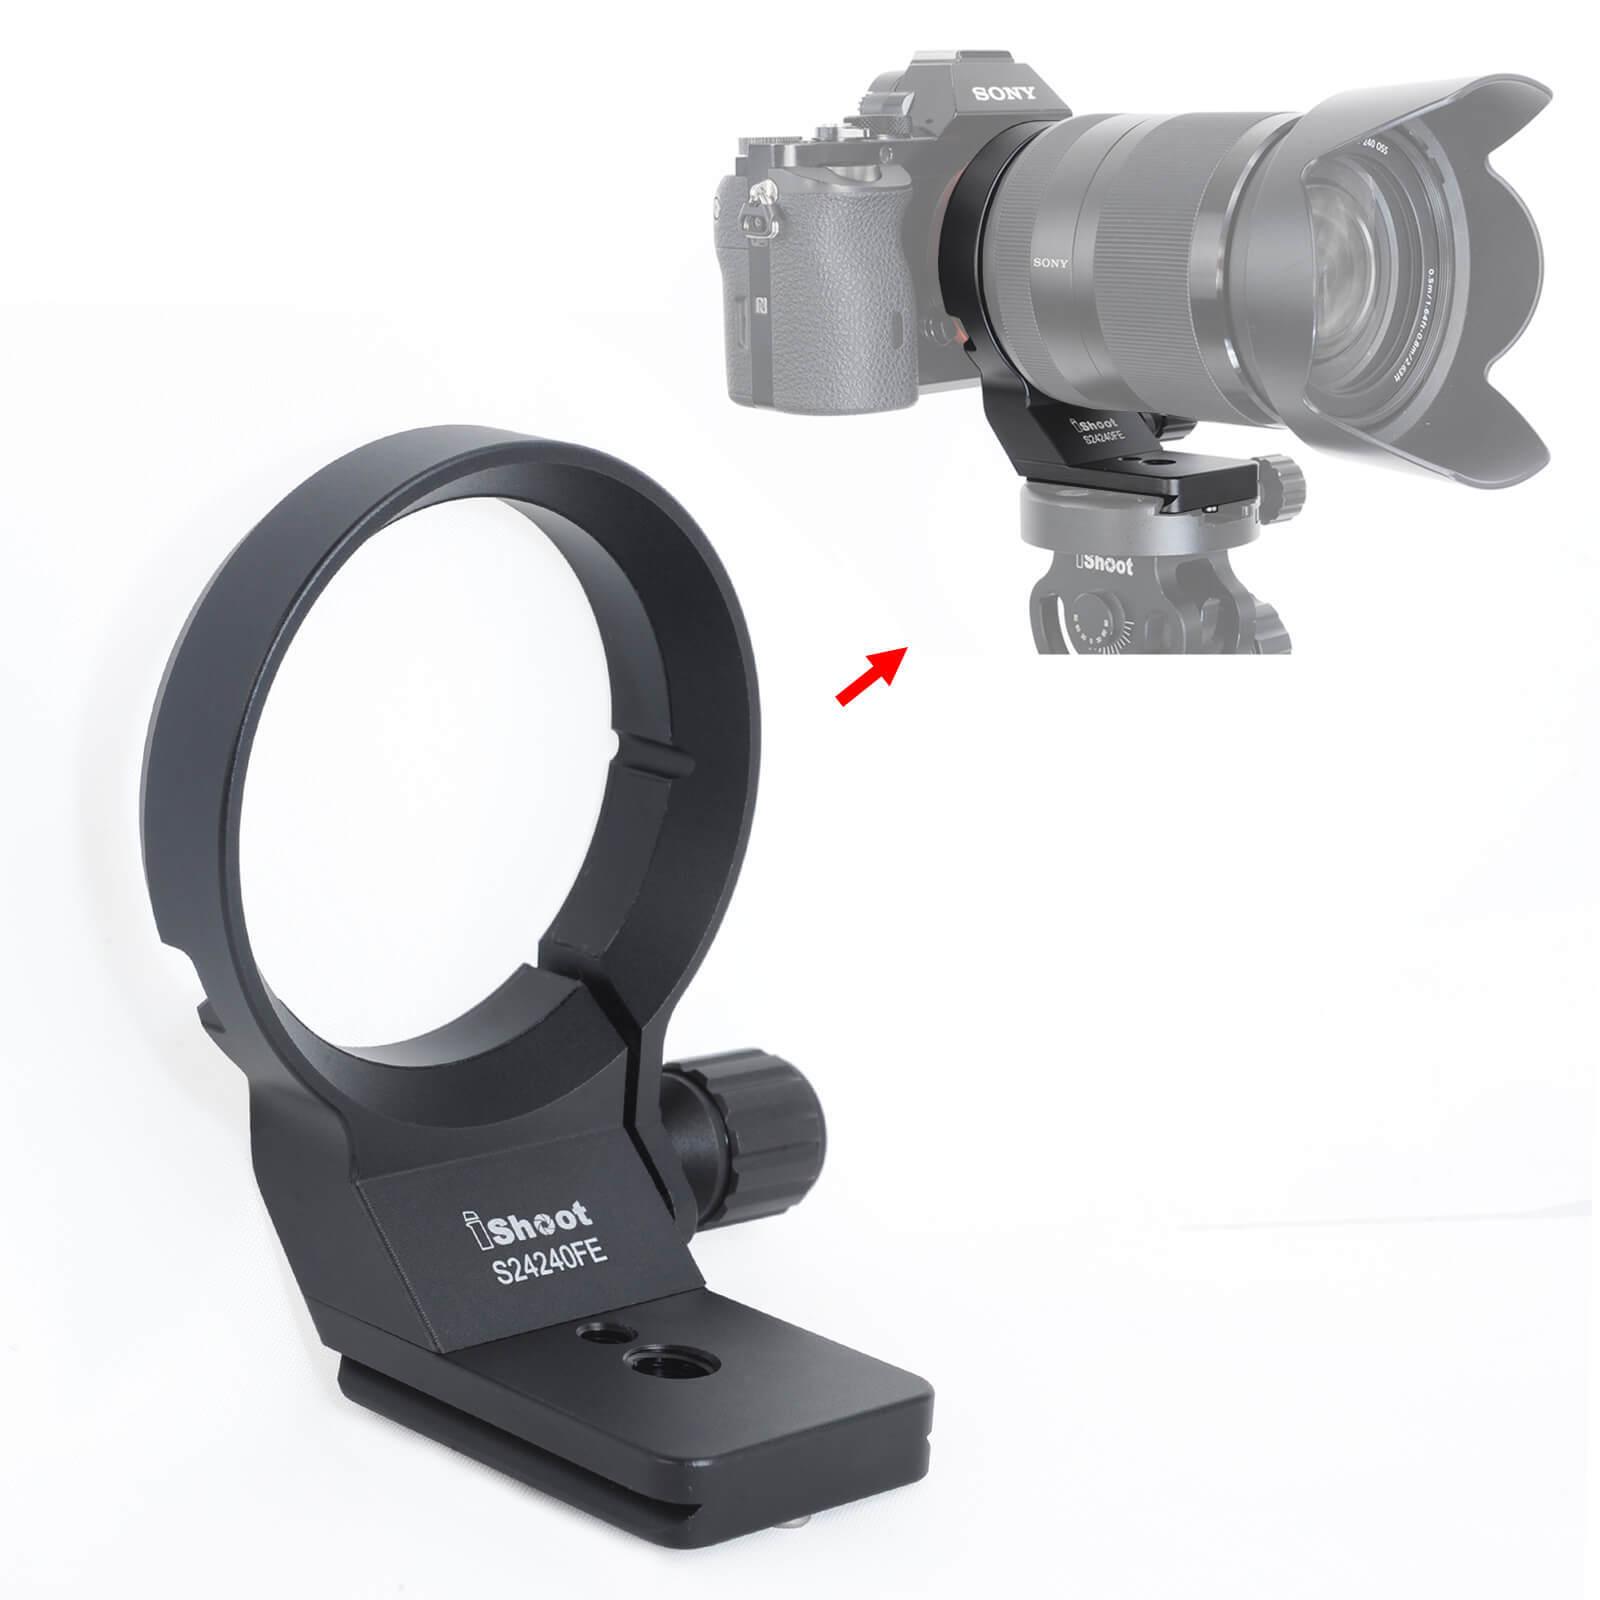 Tripod Mount Ring Lens Collar for Sony FE 85mm f/1.4 GM, Sony FE 85mm f/1.8 Lens